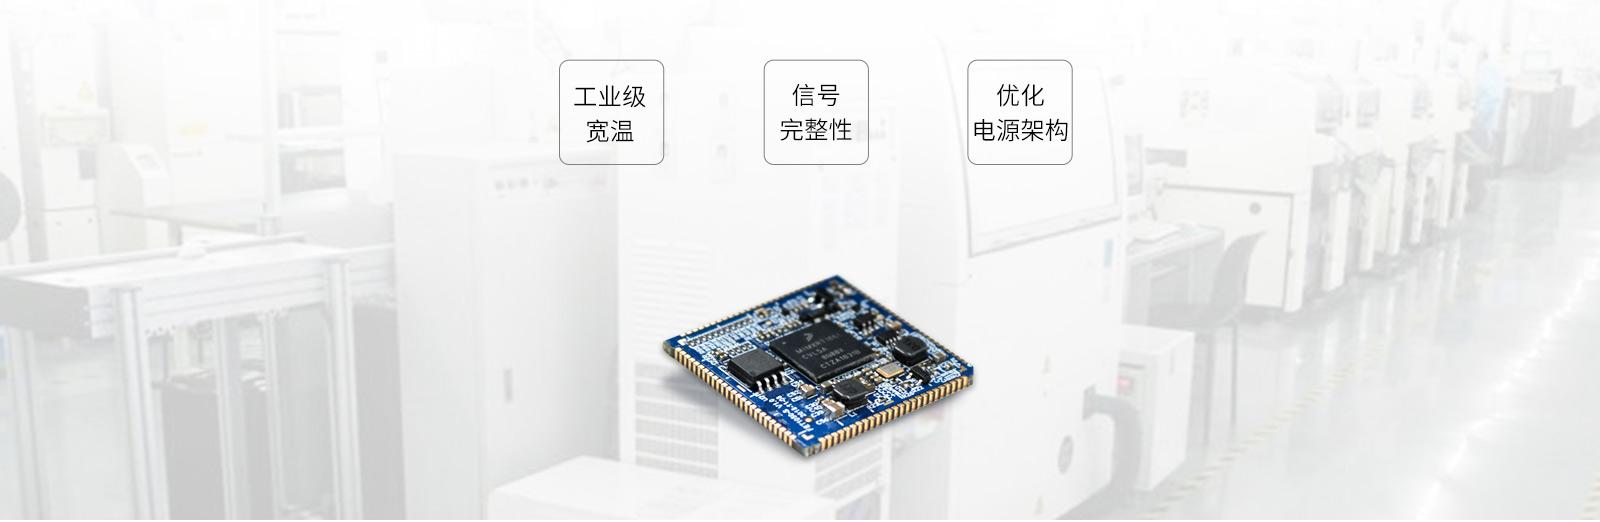 i.MXRT1061工业级ARM板ka